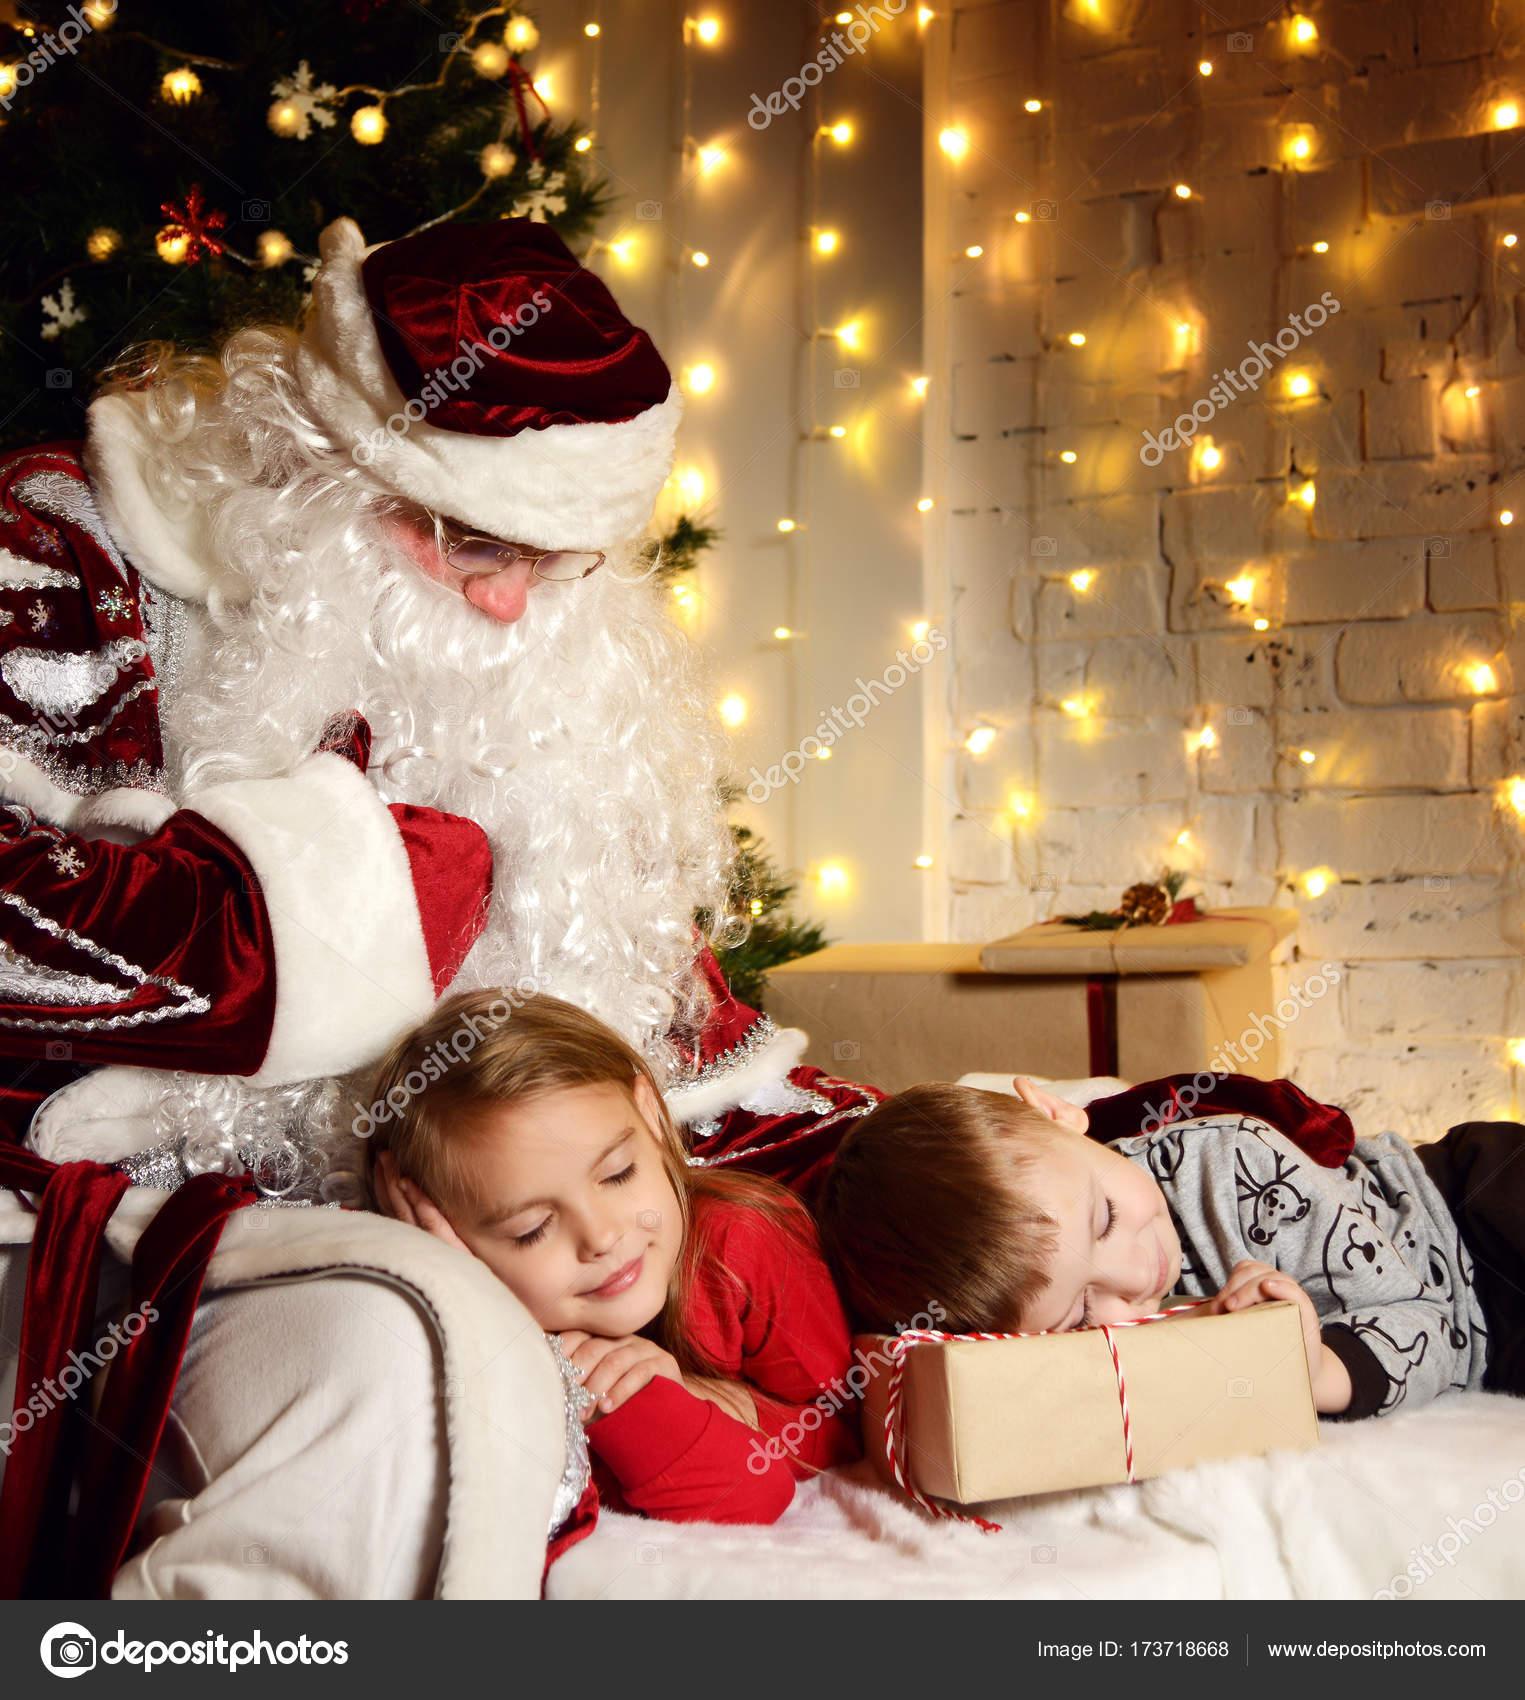 Foto Di Natale Con Bambini.Babbo Natale Con Bambini Svegli Ragazzino E Ragazza Vicino